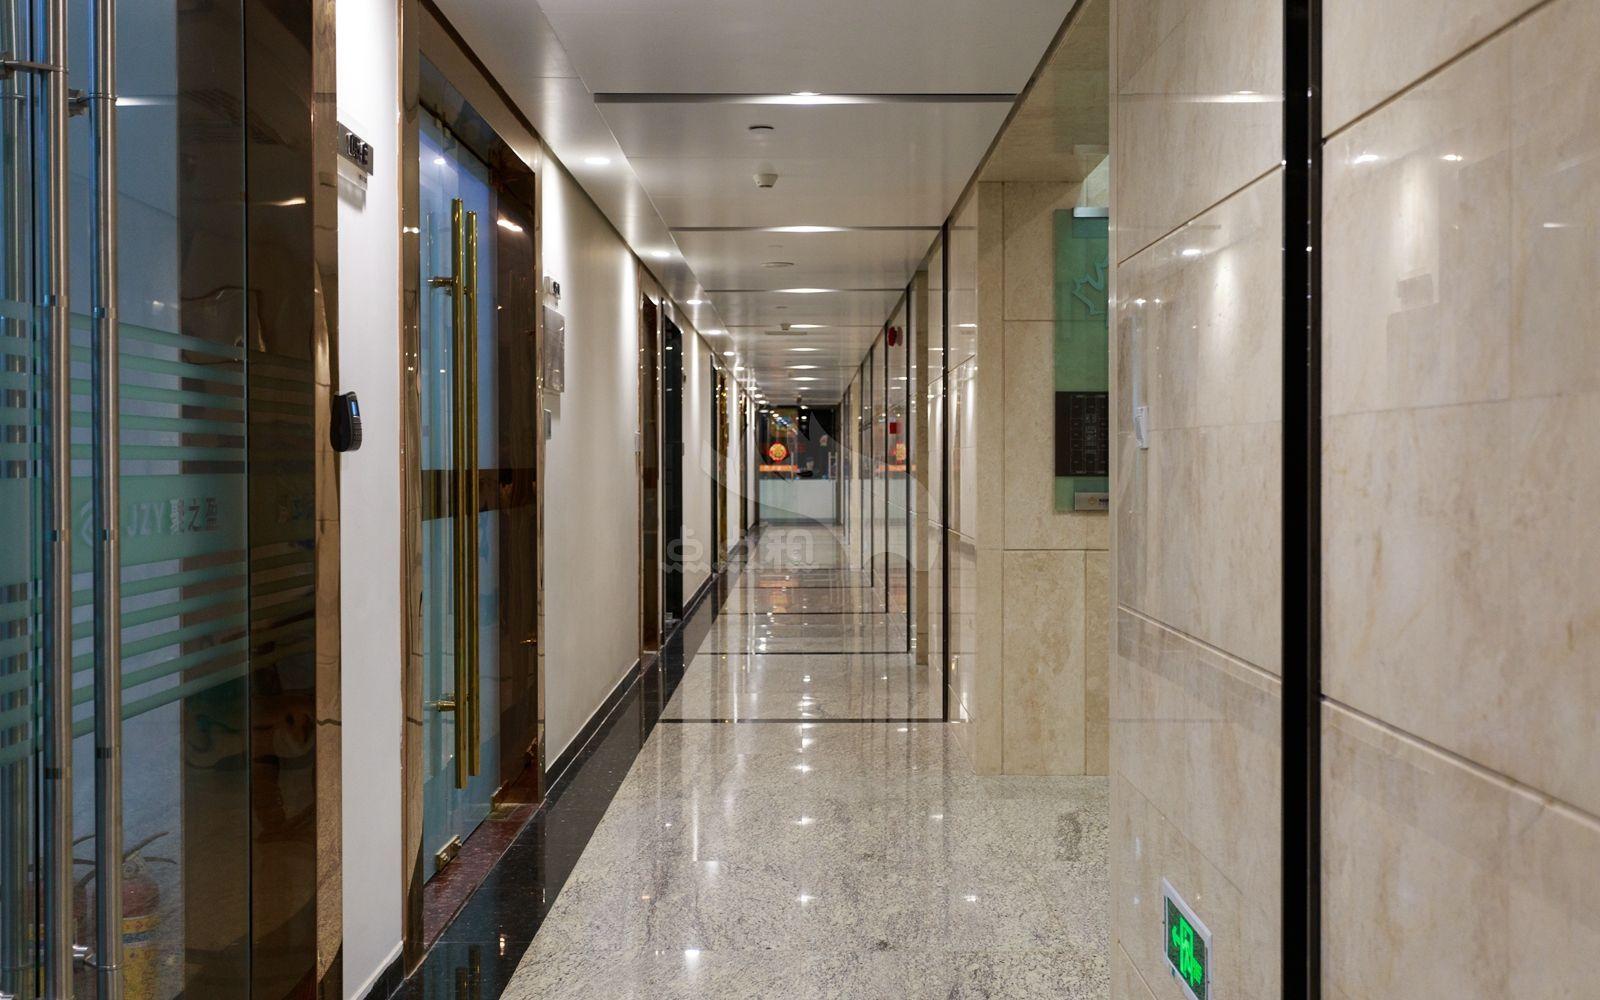 南山区枫叶城市酒店-南山枫叶公寓b座 小姐-南园枫叶图片